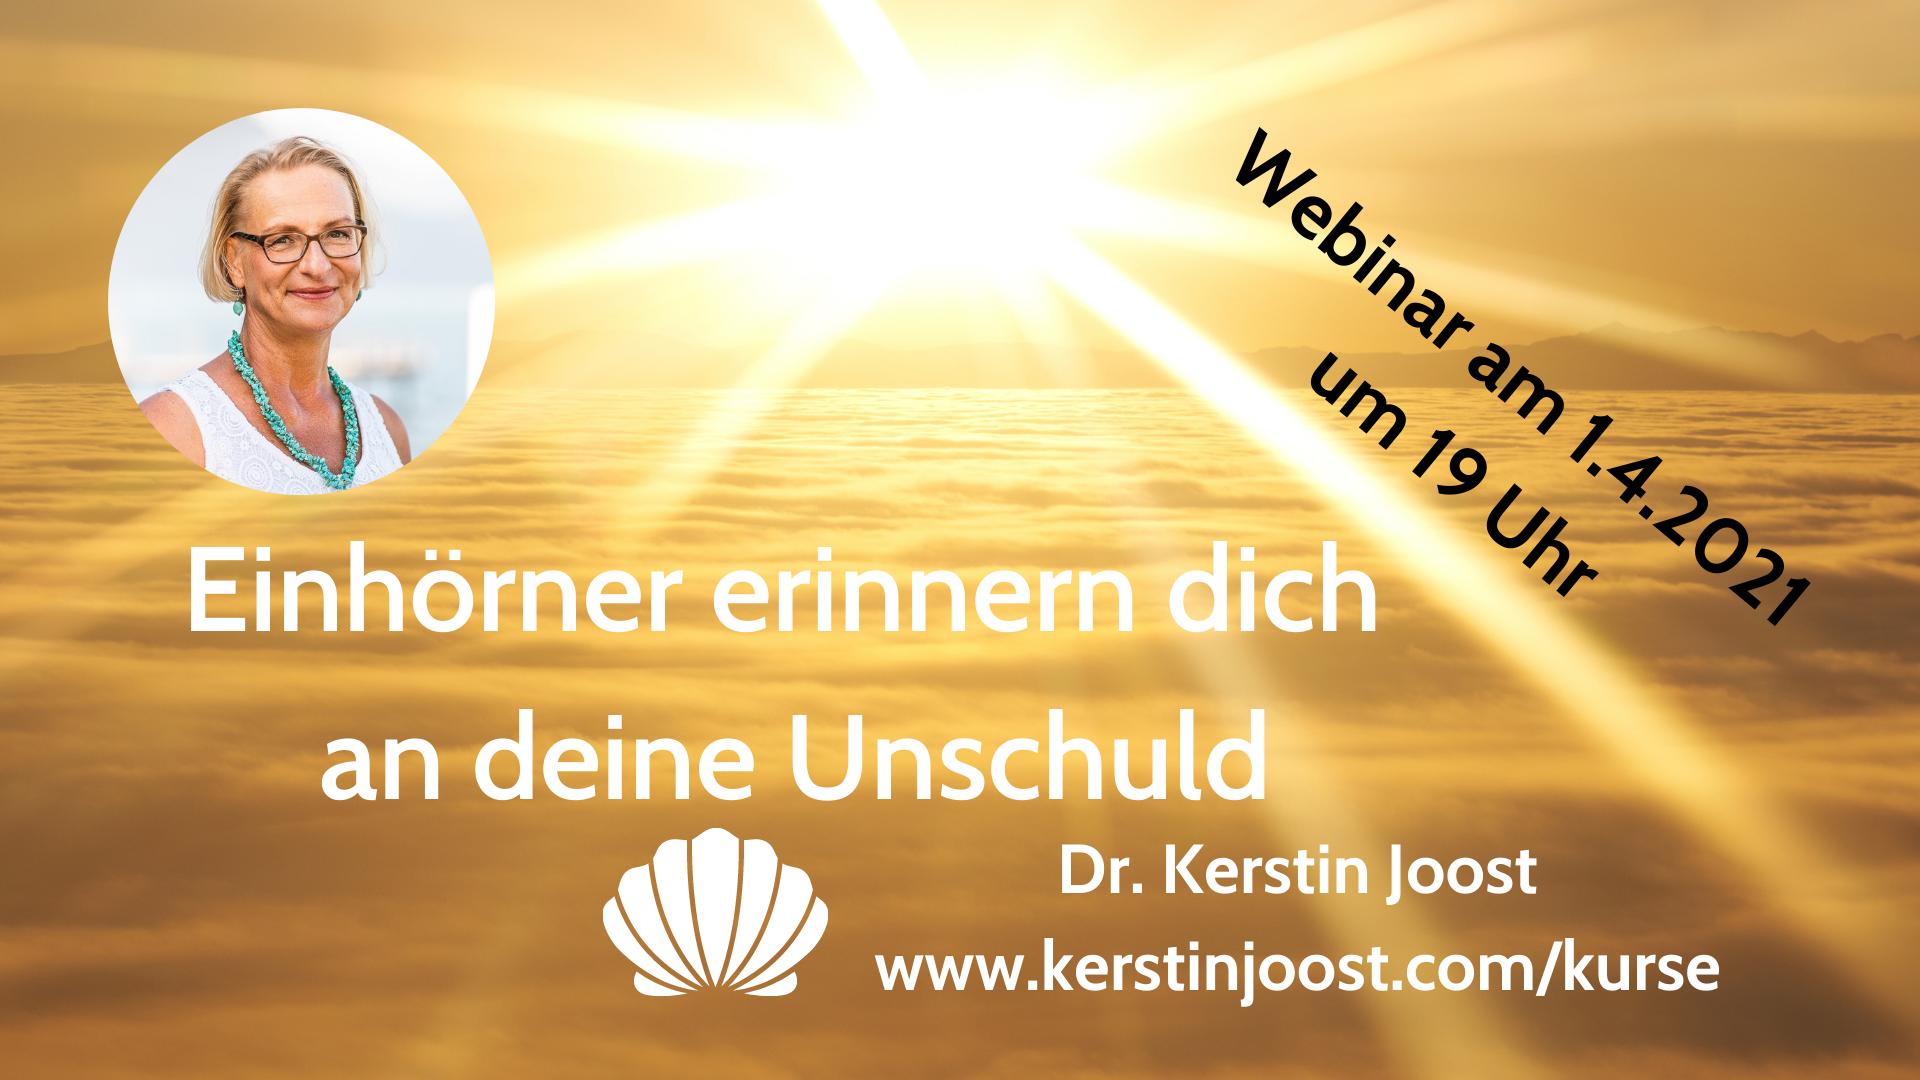 Einhorn-Webinar vor Ostern: Du bist frei von Schuld